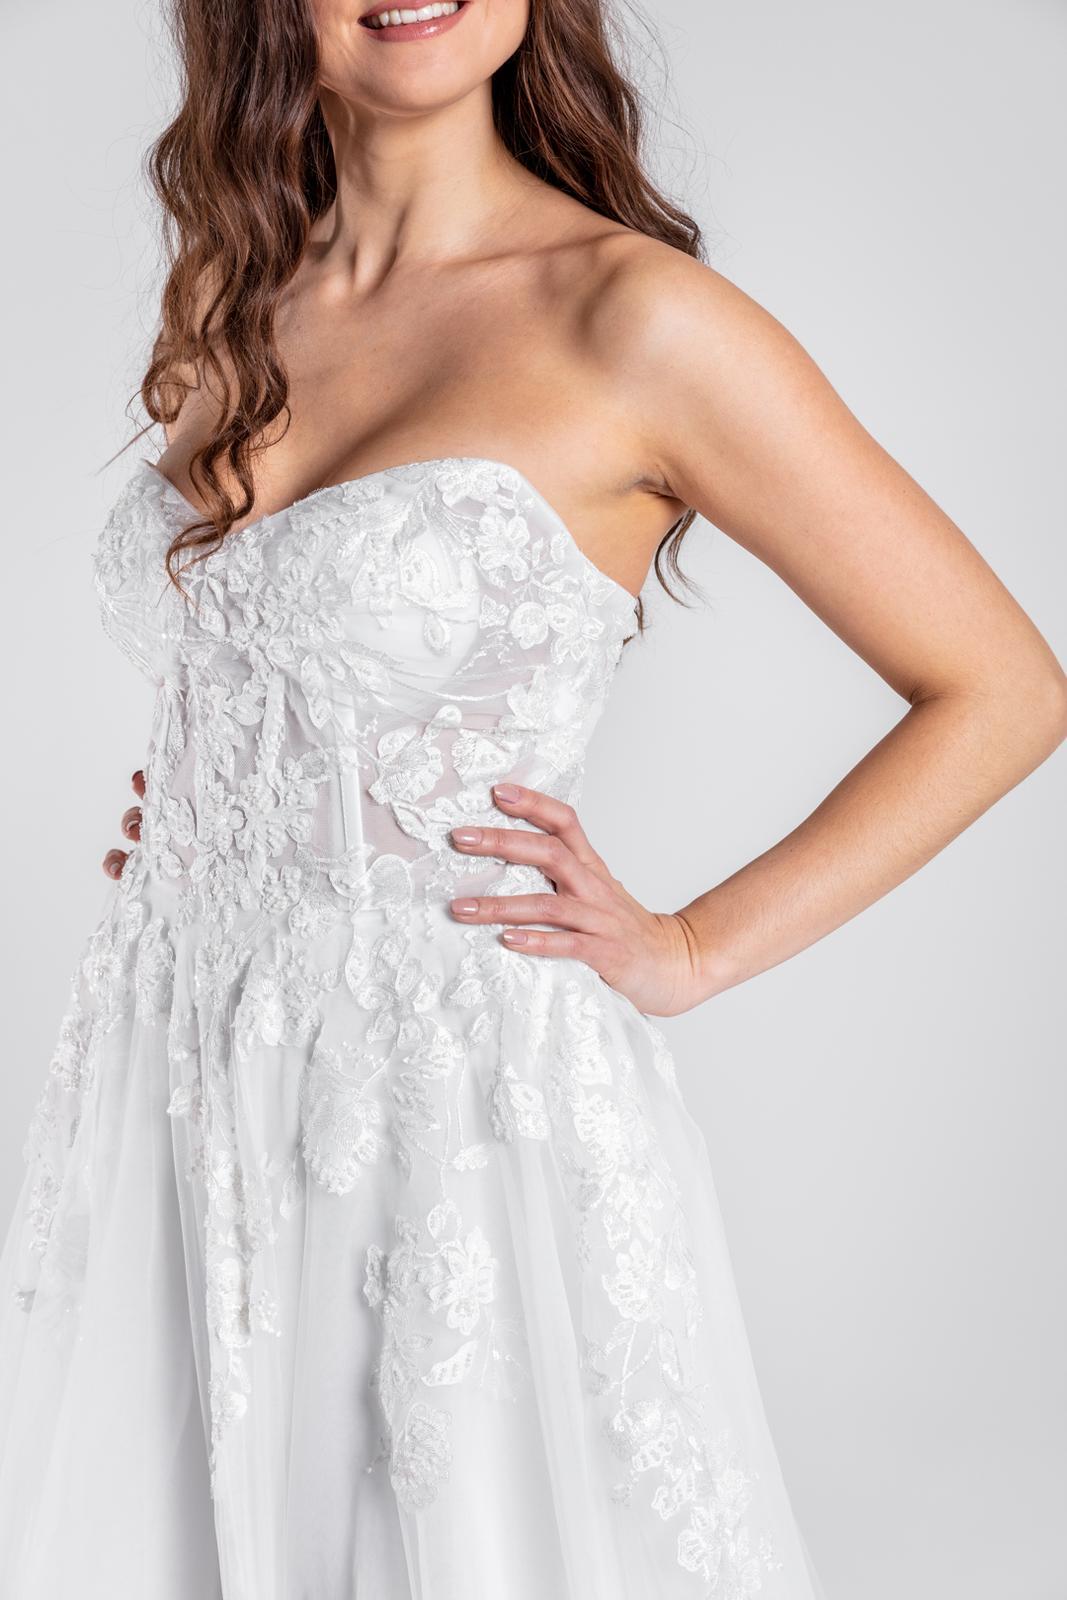 Svatební šaty s 3D krajkou na šněrování, vel 32-42 - Obrázek č. 1